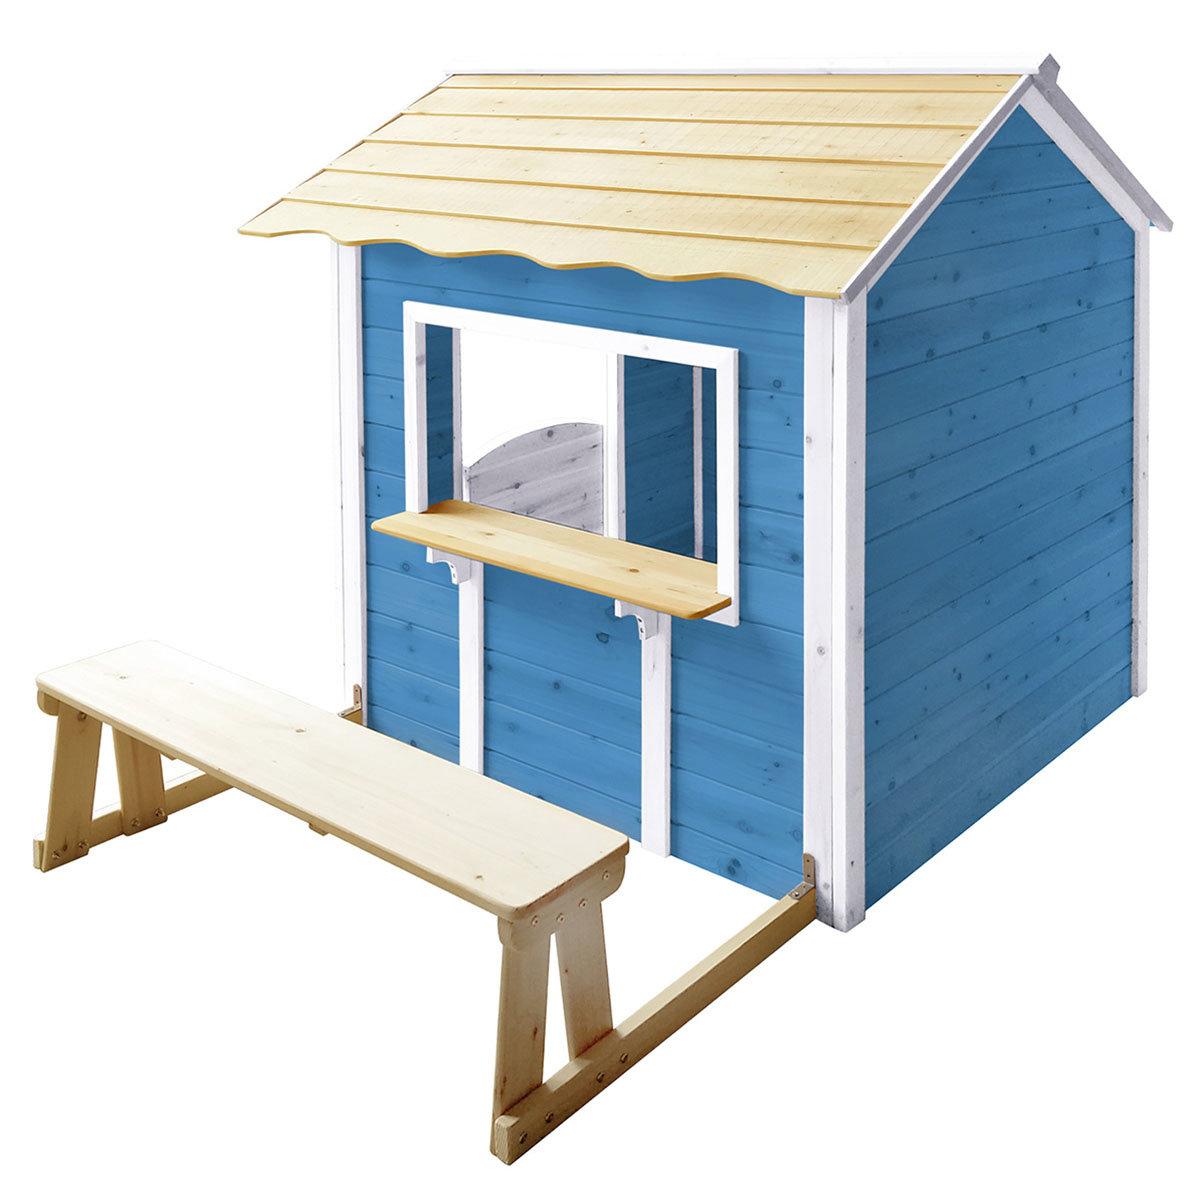 Kinder Spielhaus großer Palast mit Bank, blau und weiß lasiert, ca. 138 x 118 x 132,5 cm | #2